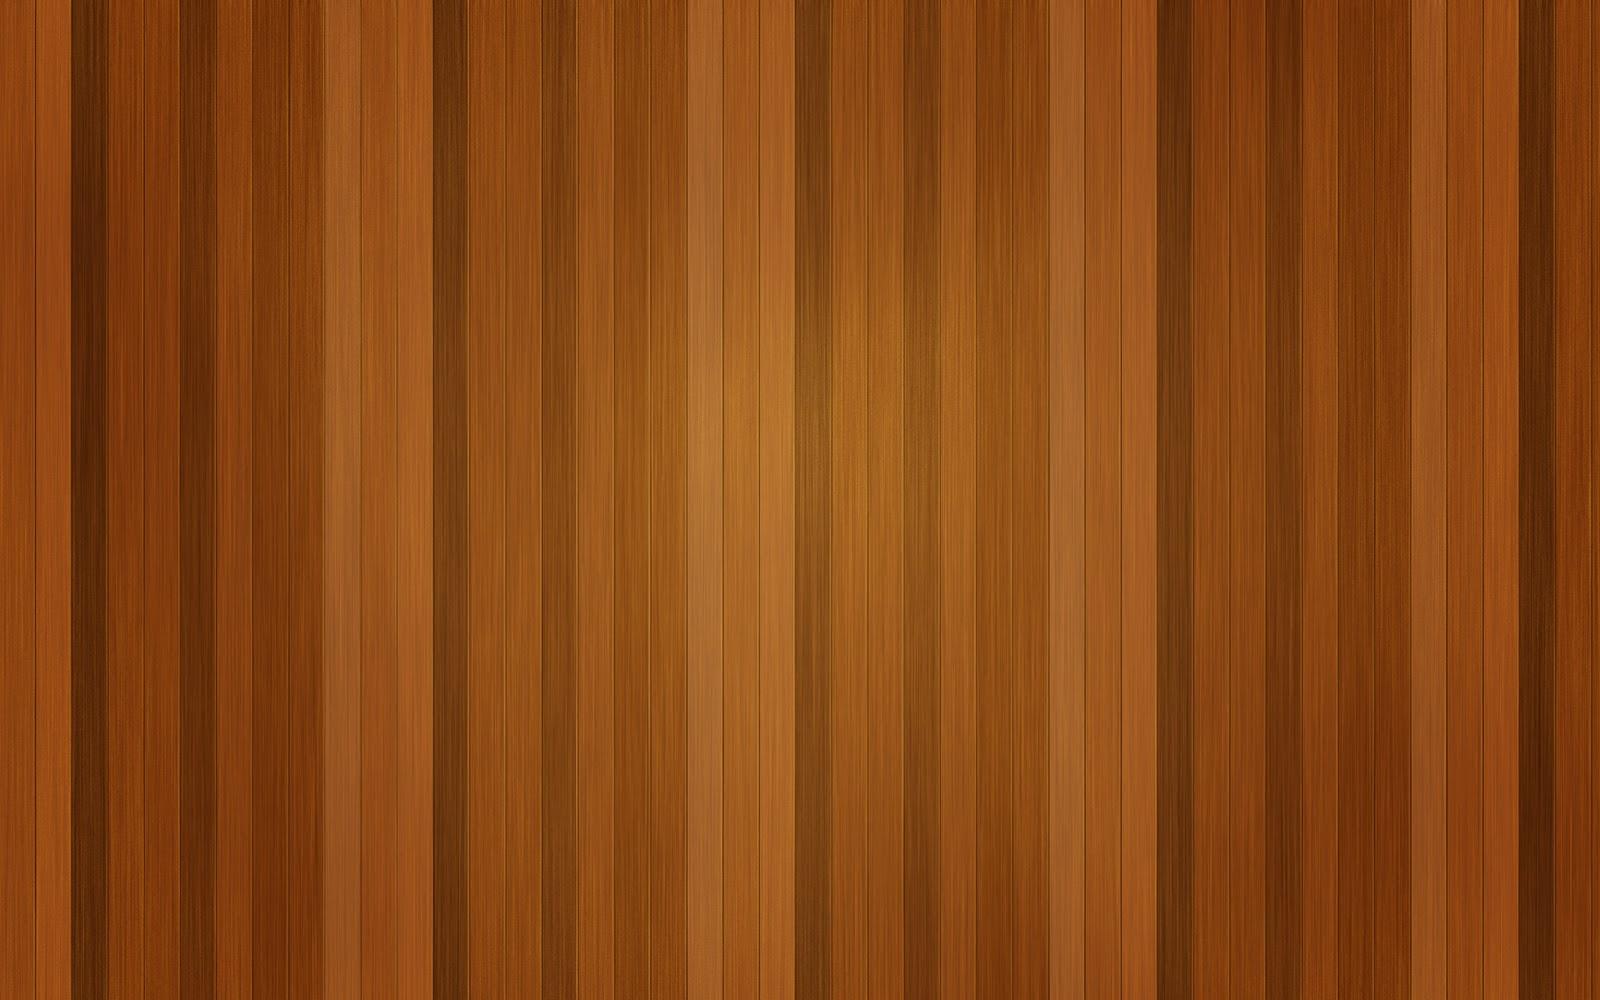 achtergronden houten wallpapers hd hout wallpaper afbeelding 2jpg 1600x1000